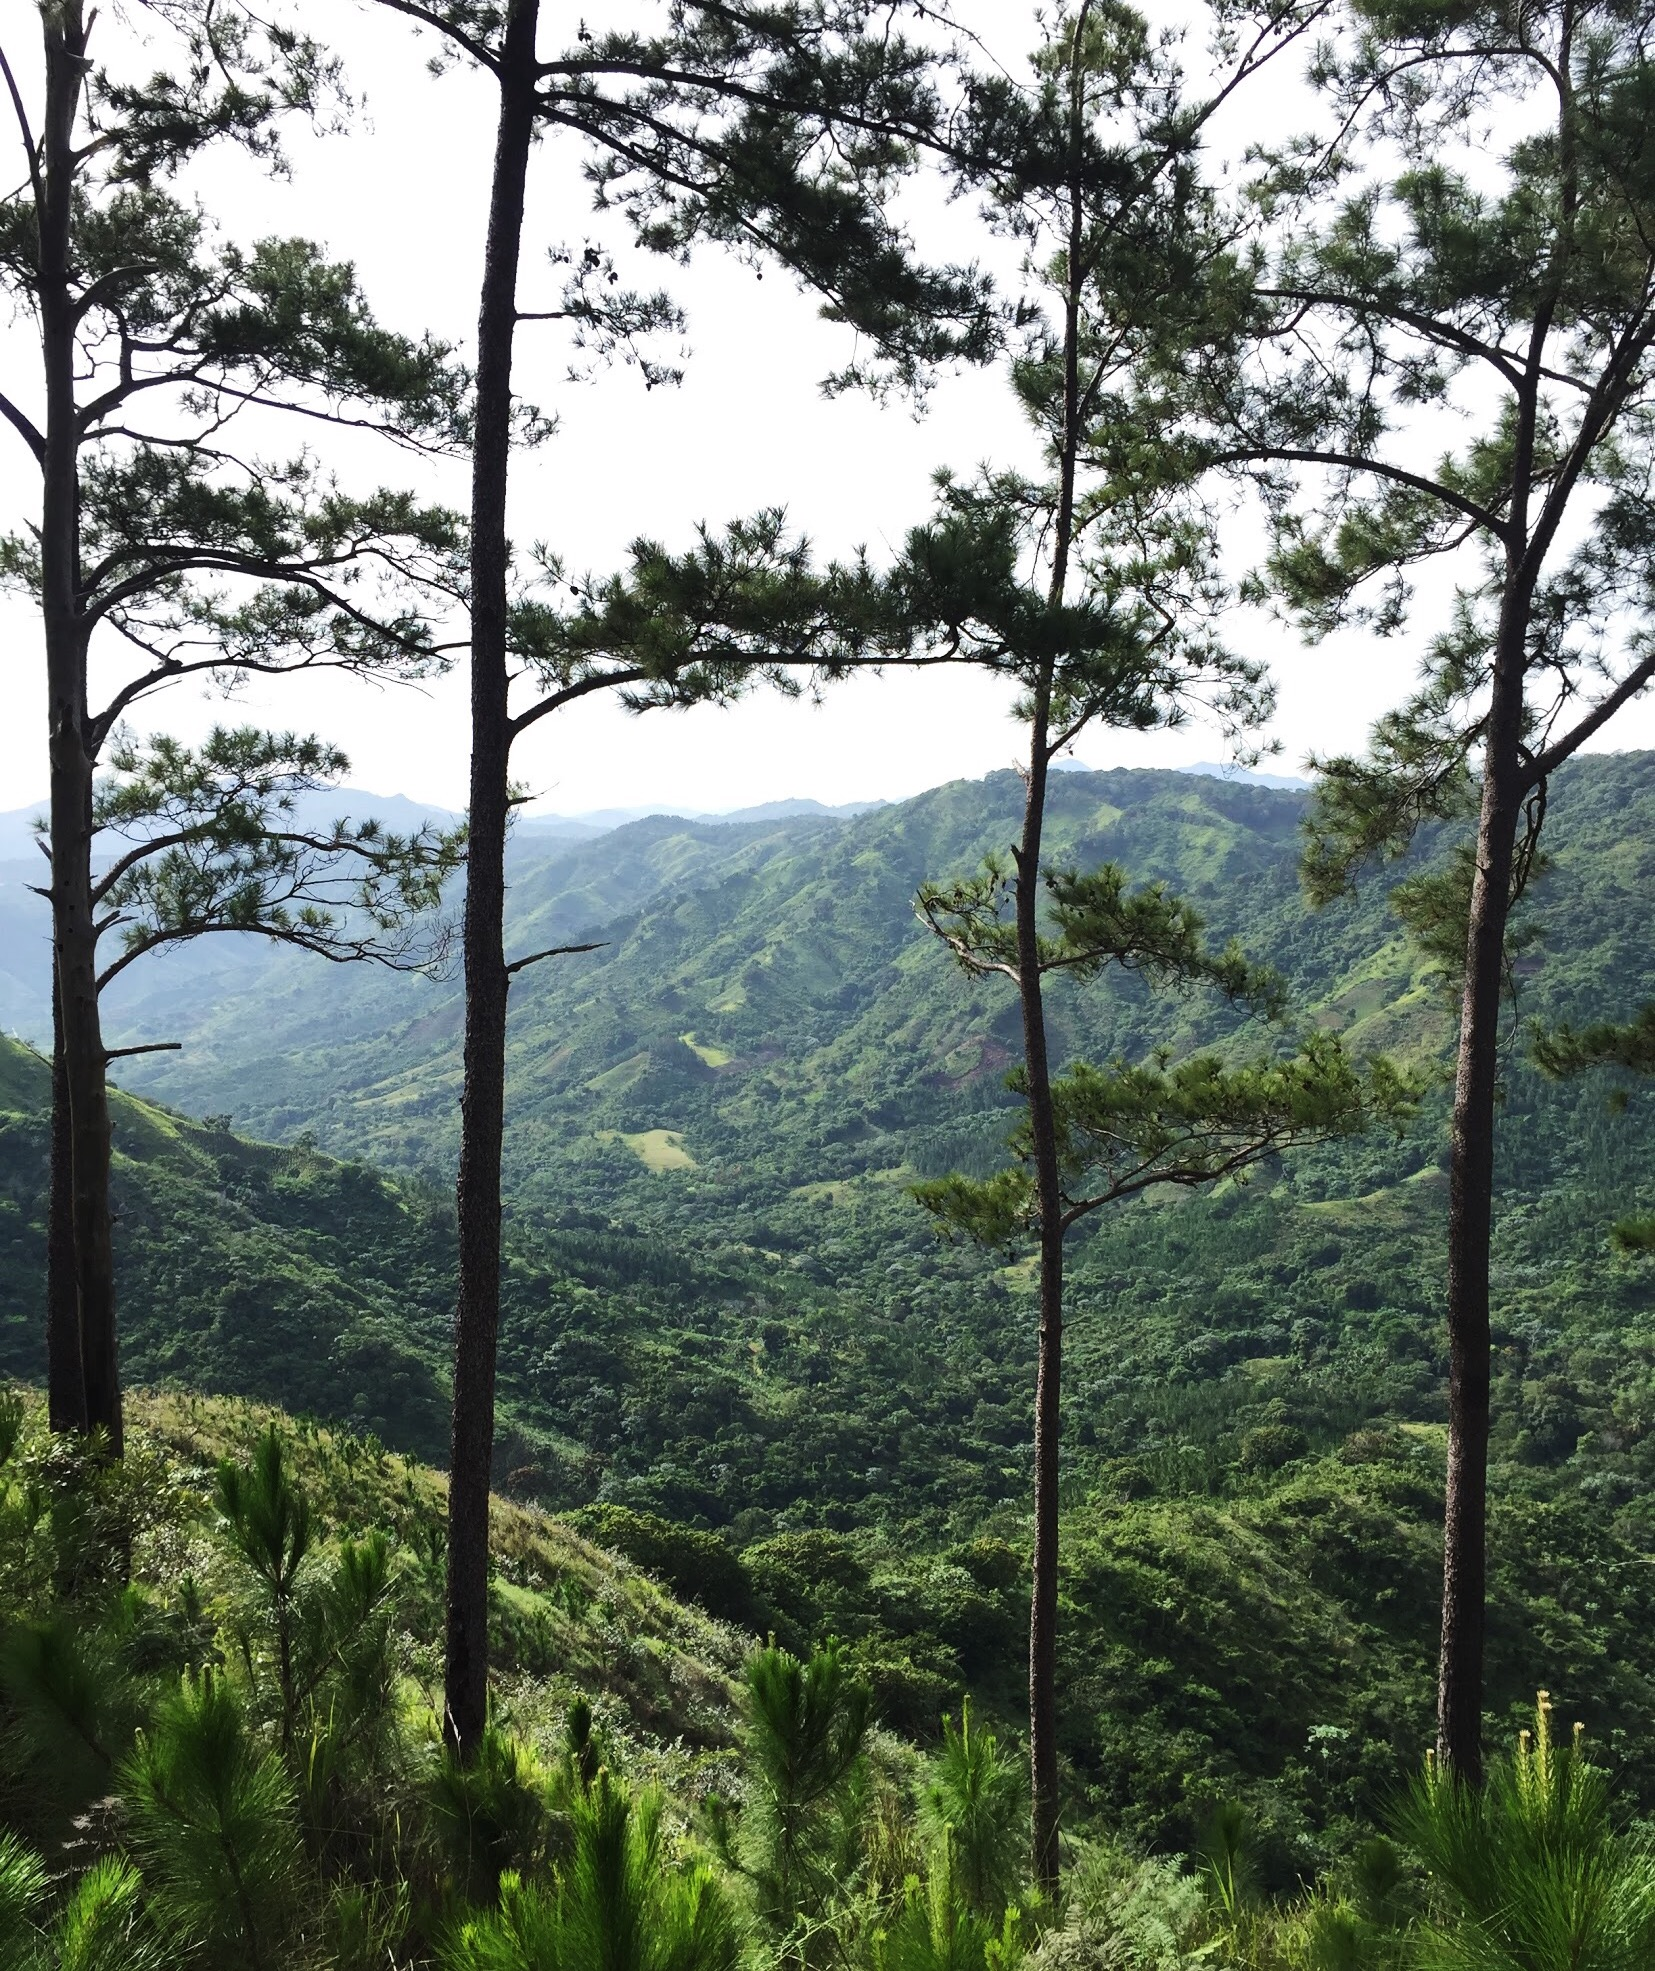 holarita-loma-montana